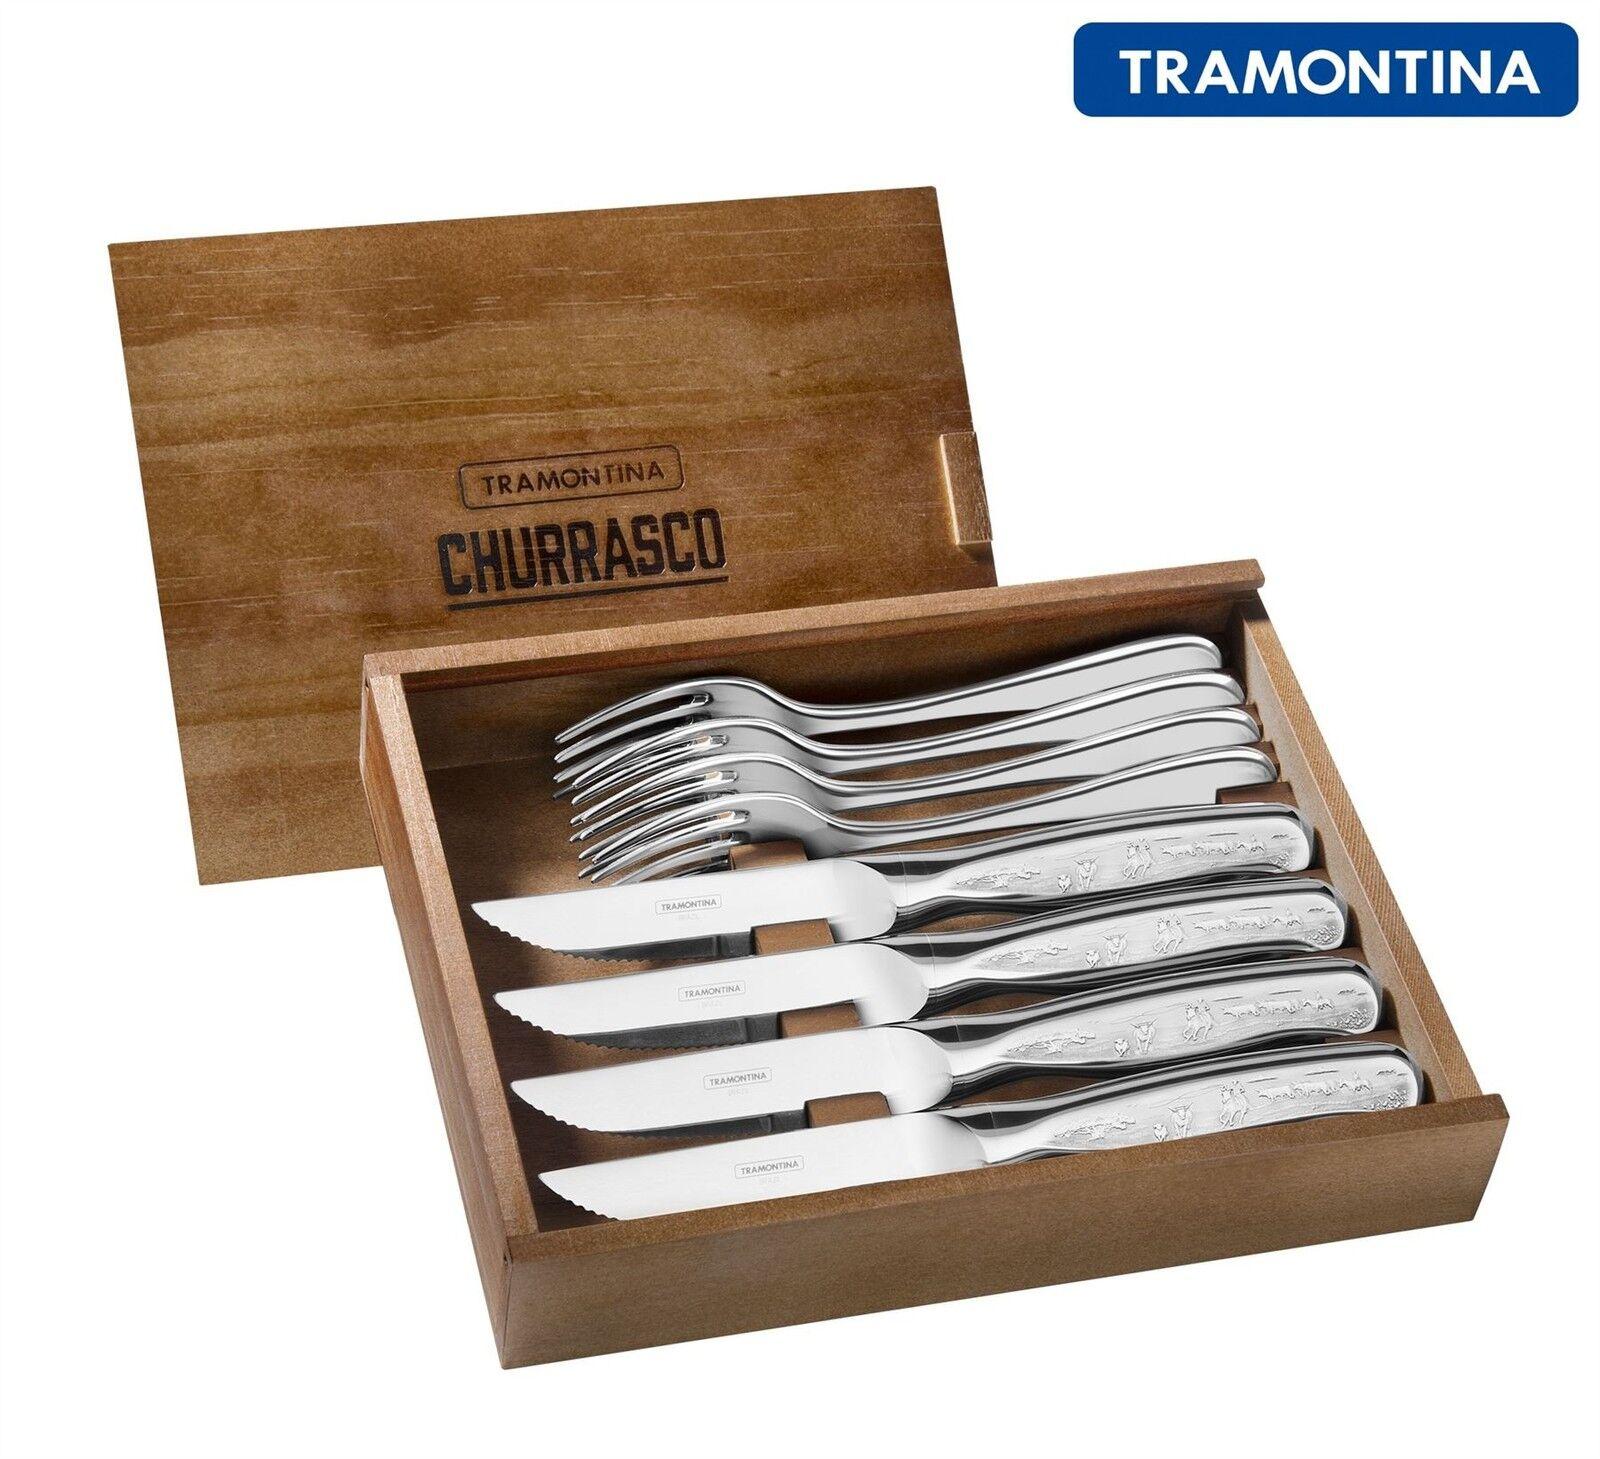 Tramontina 8 pièces en acier inoxydable Cowboy Jumbo Steak Couteau Couteaux Ensemble couverts